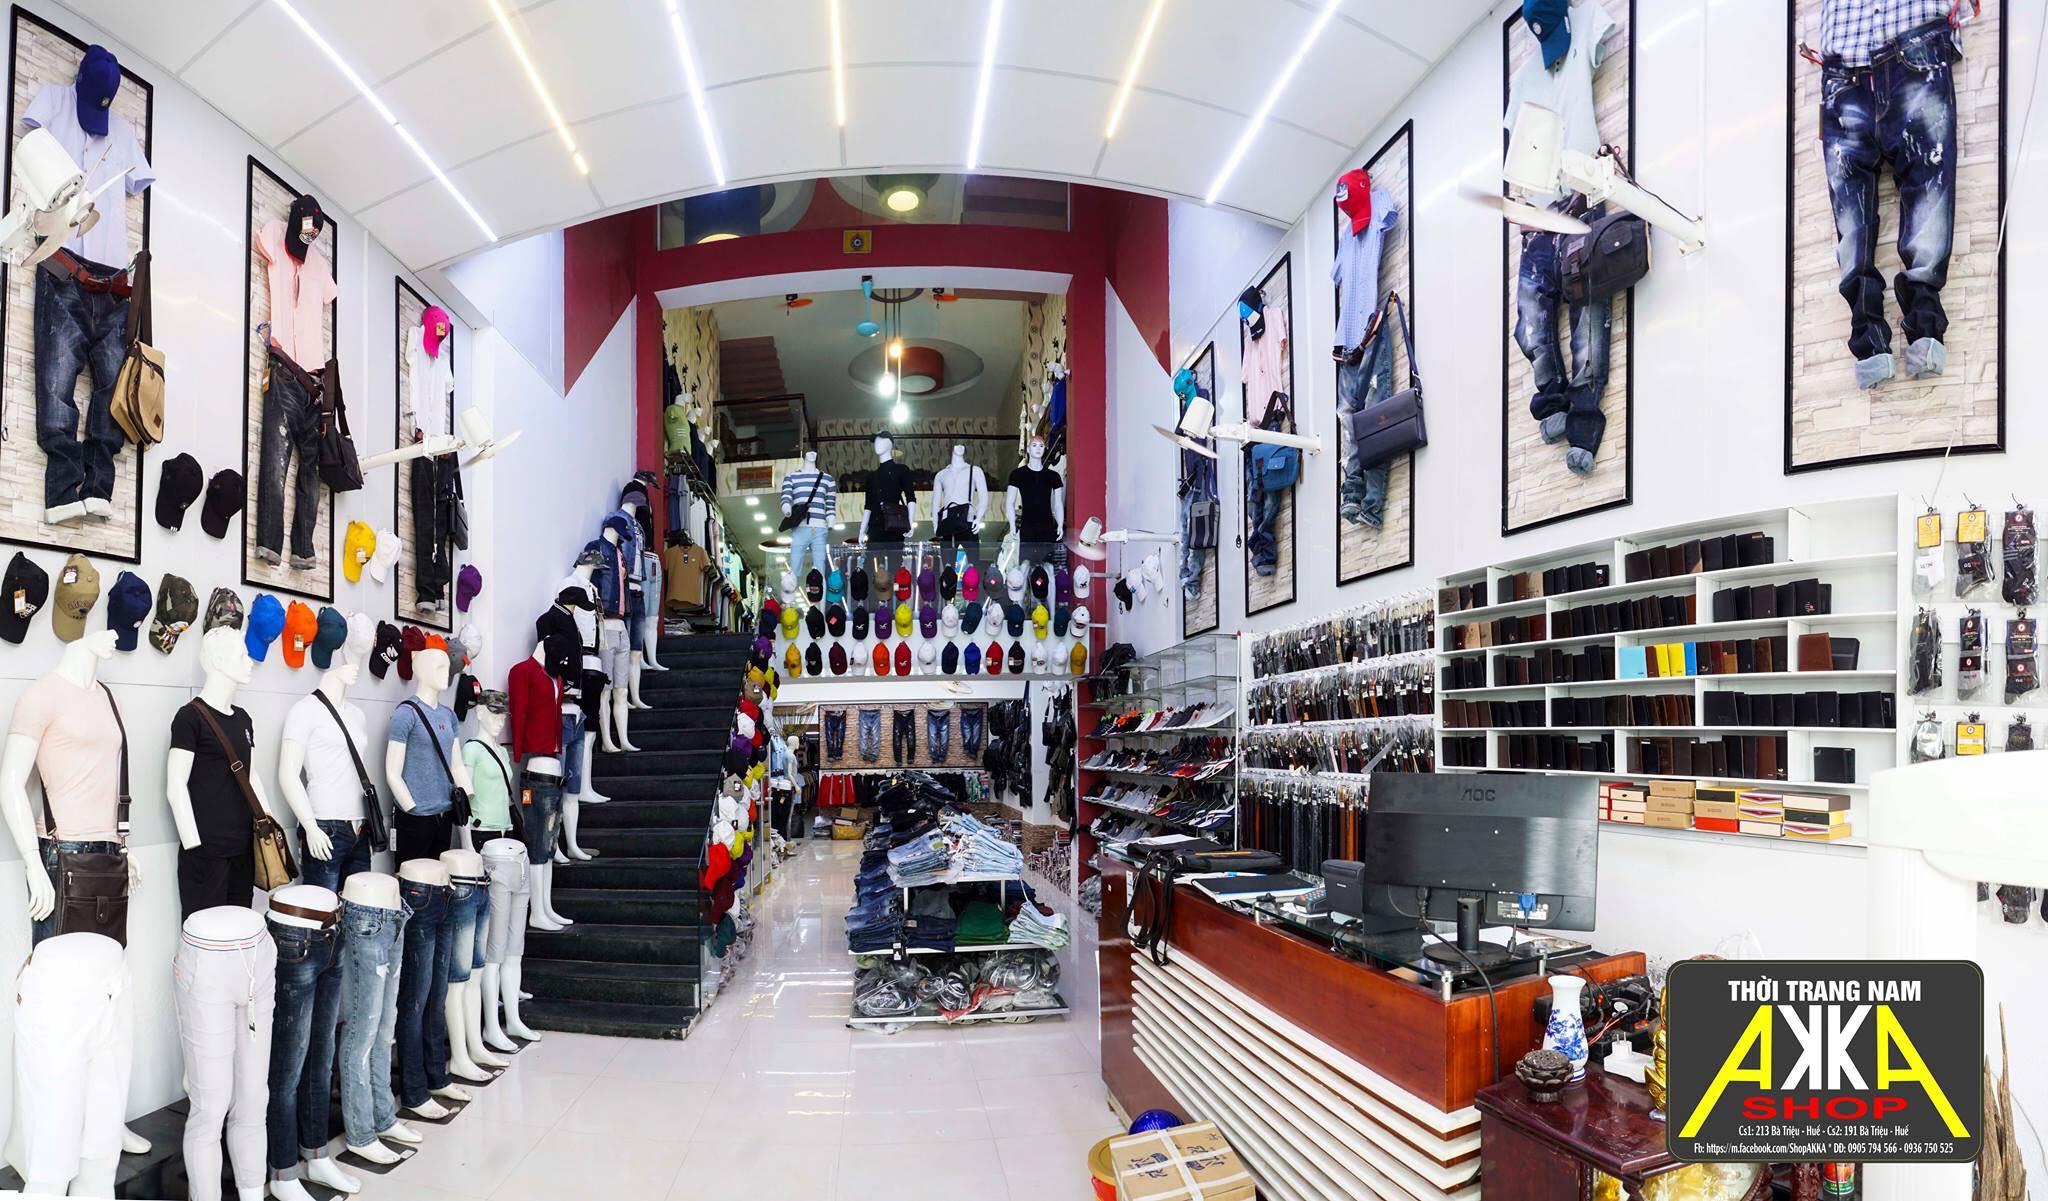 Akka Shop Hue